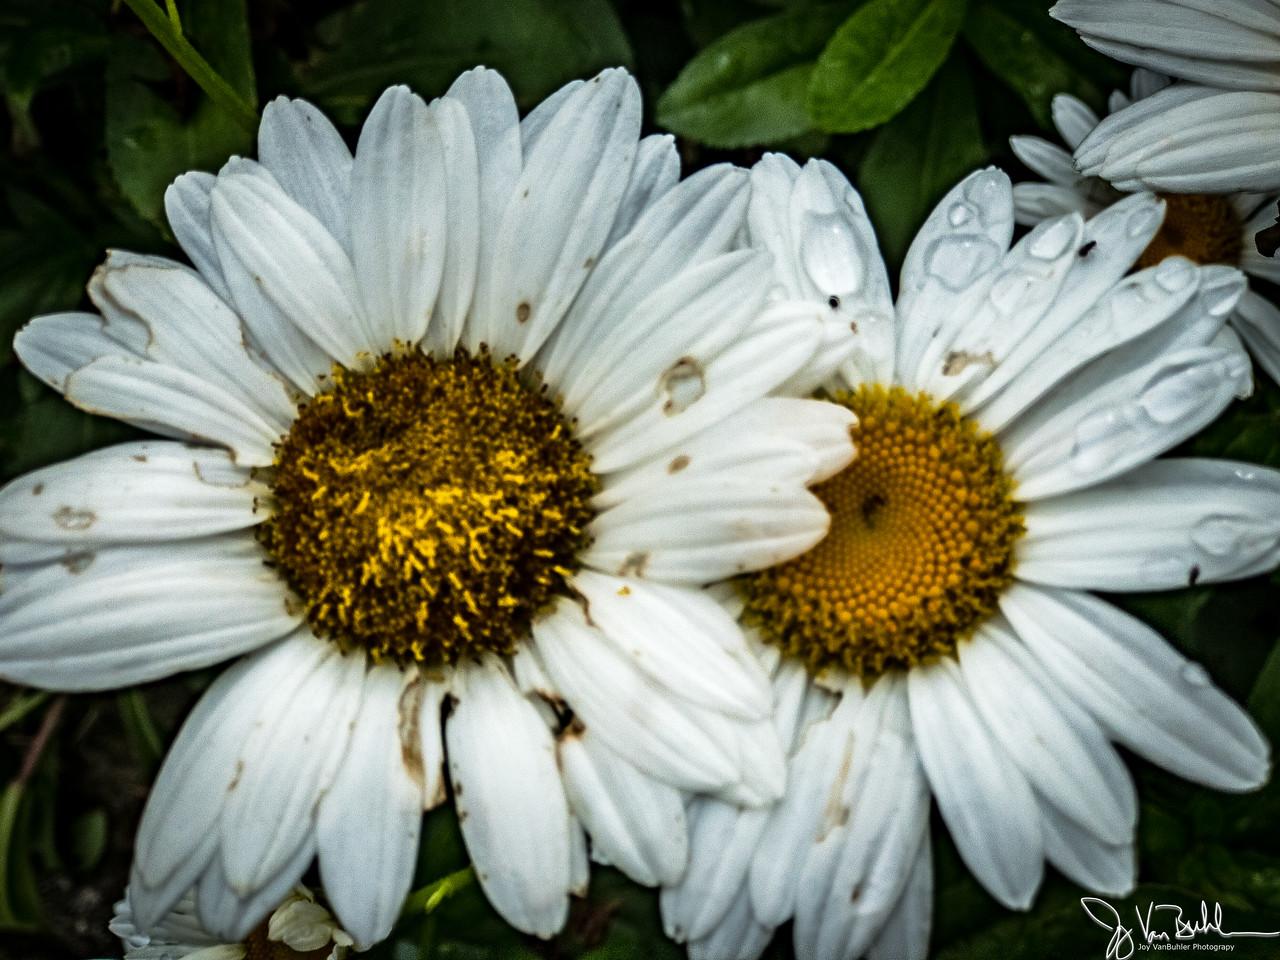 191/365 - Daisy